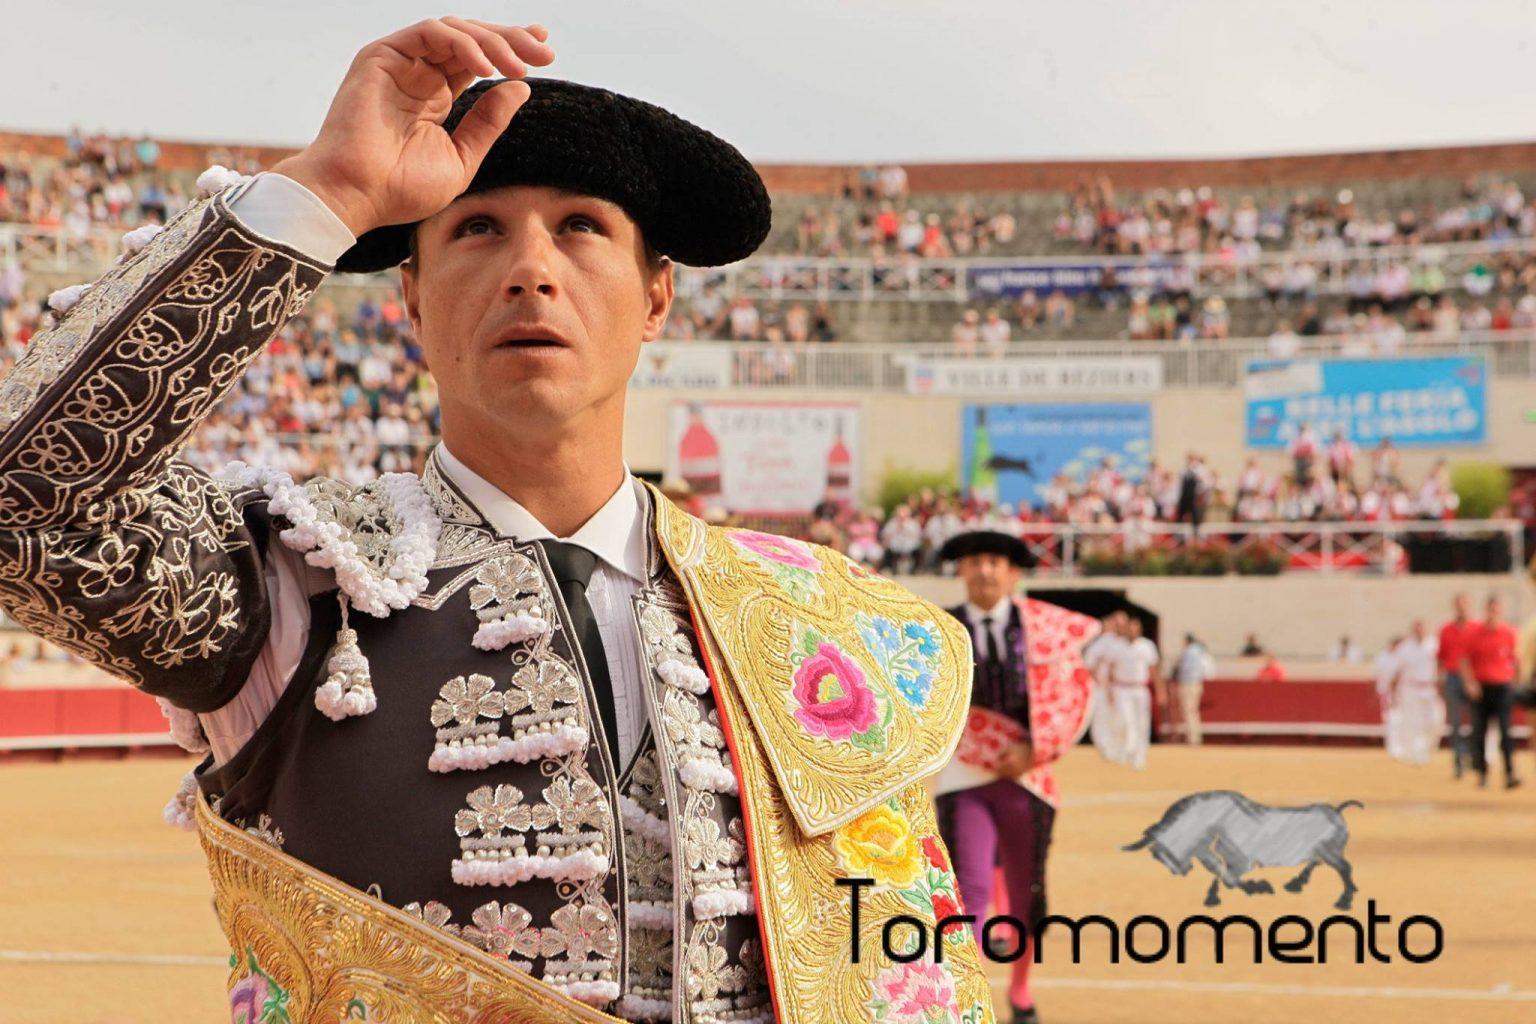 Juan Bautista devant les toros d'Adolfo Martin, encore un geste fort